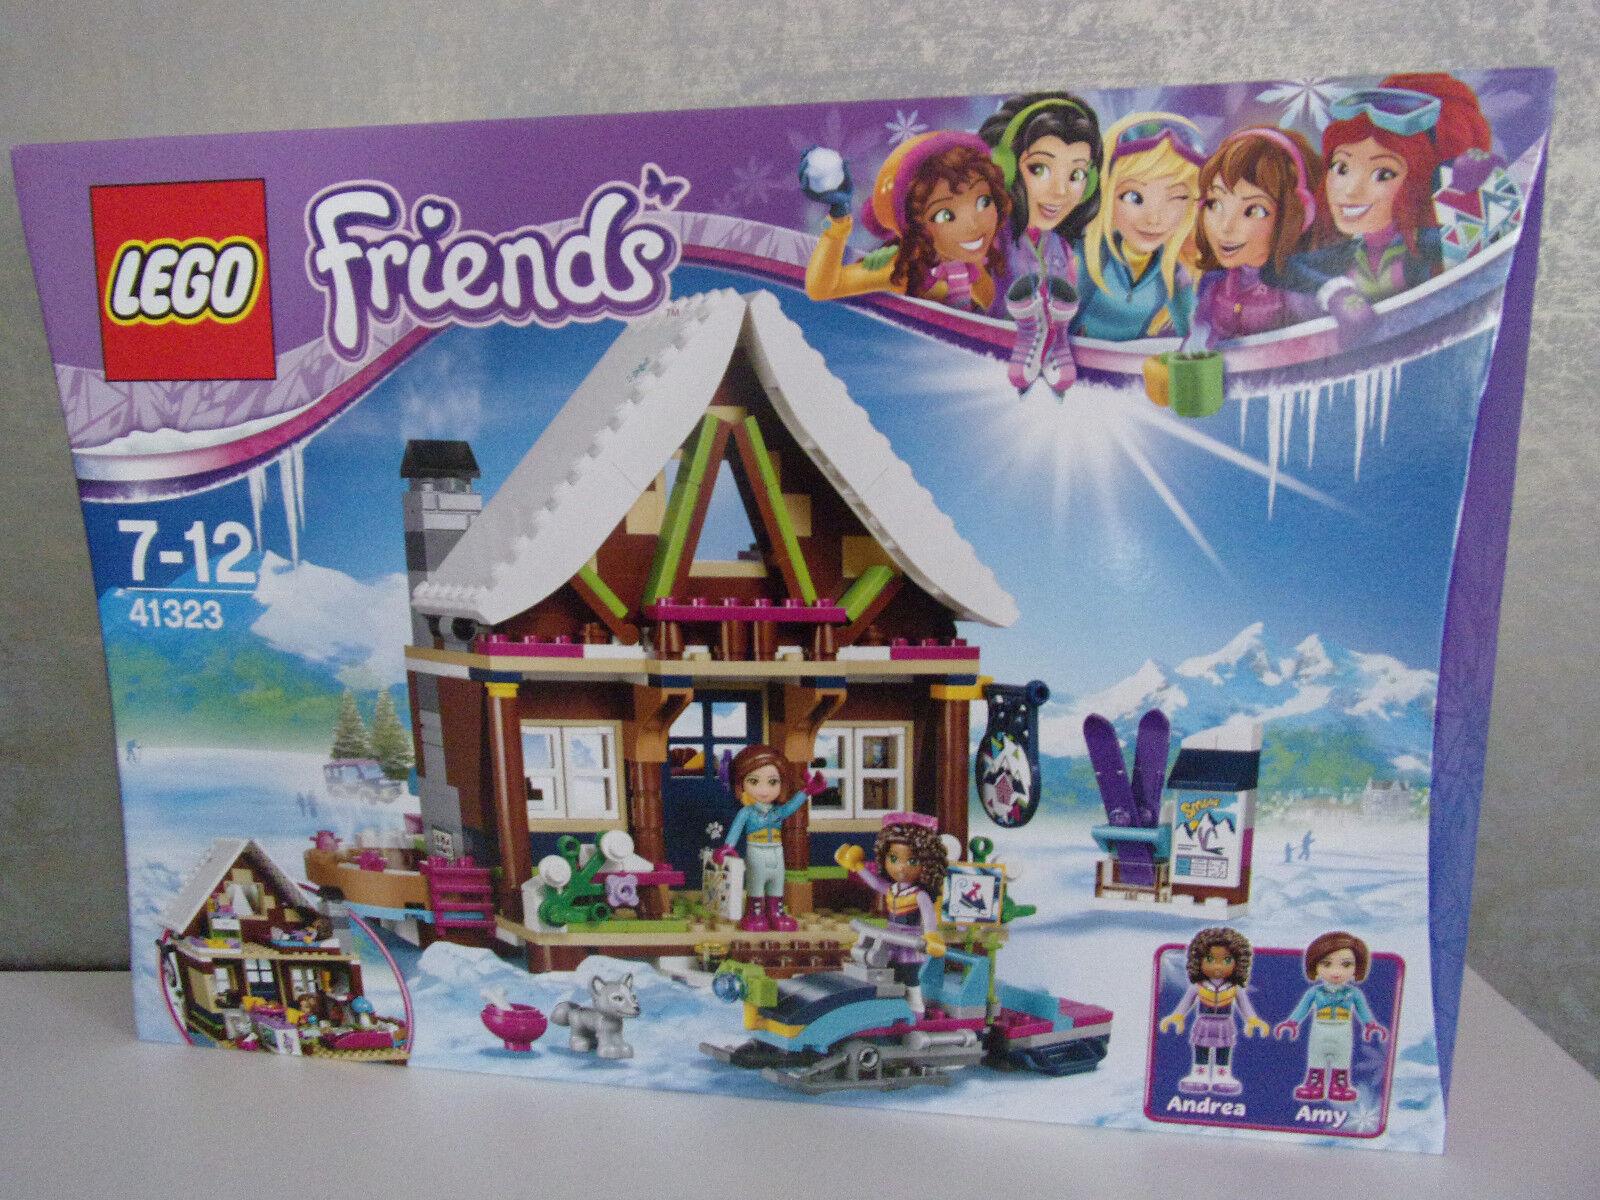 LEGO Friends 41323 Chalet au wintersportort-NOUVEAU & NEUF dans sa boîte